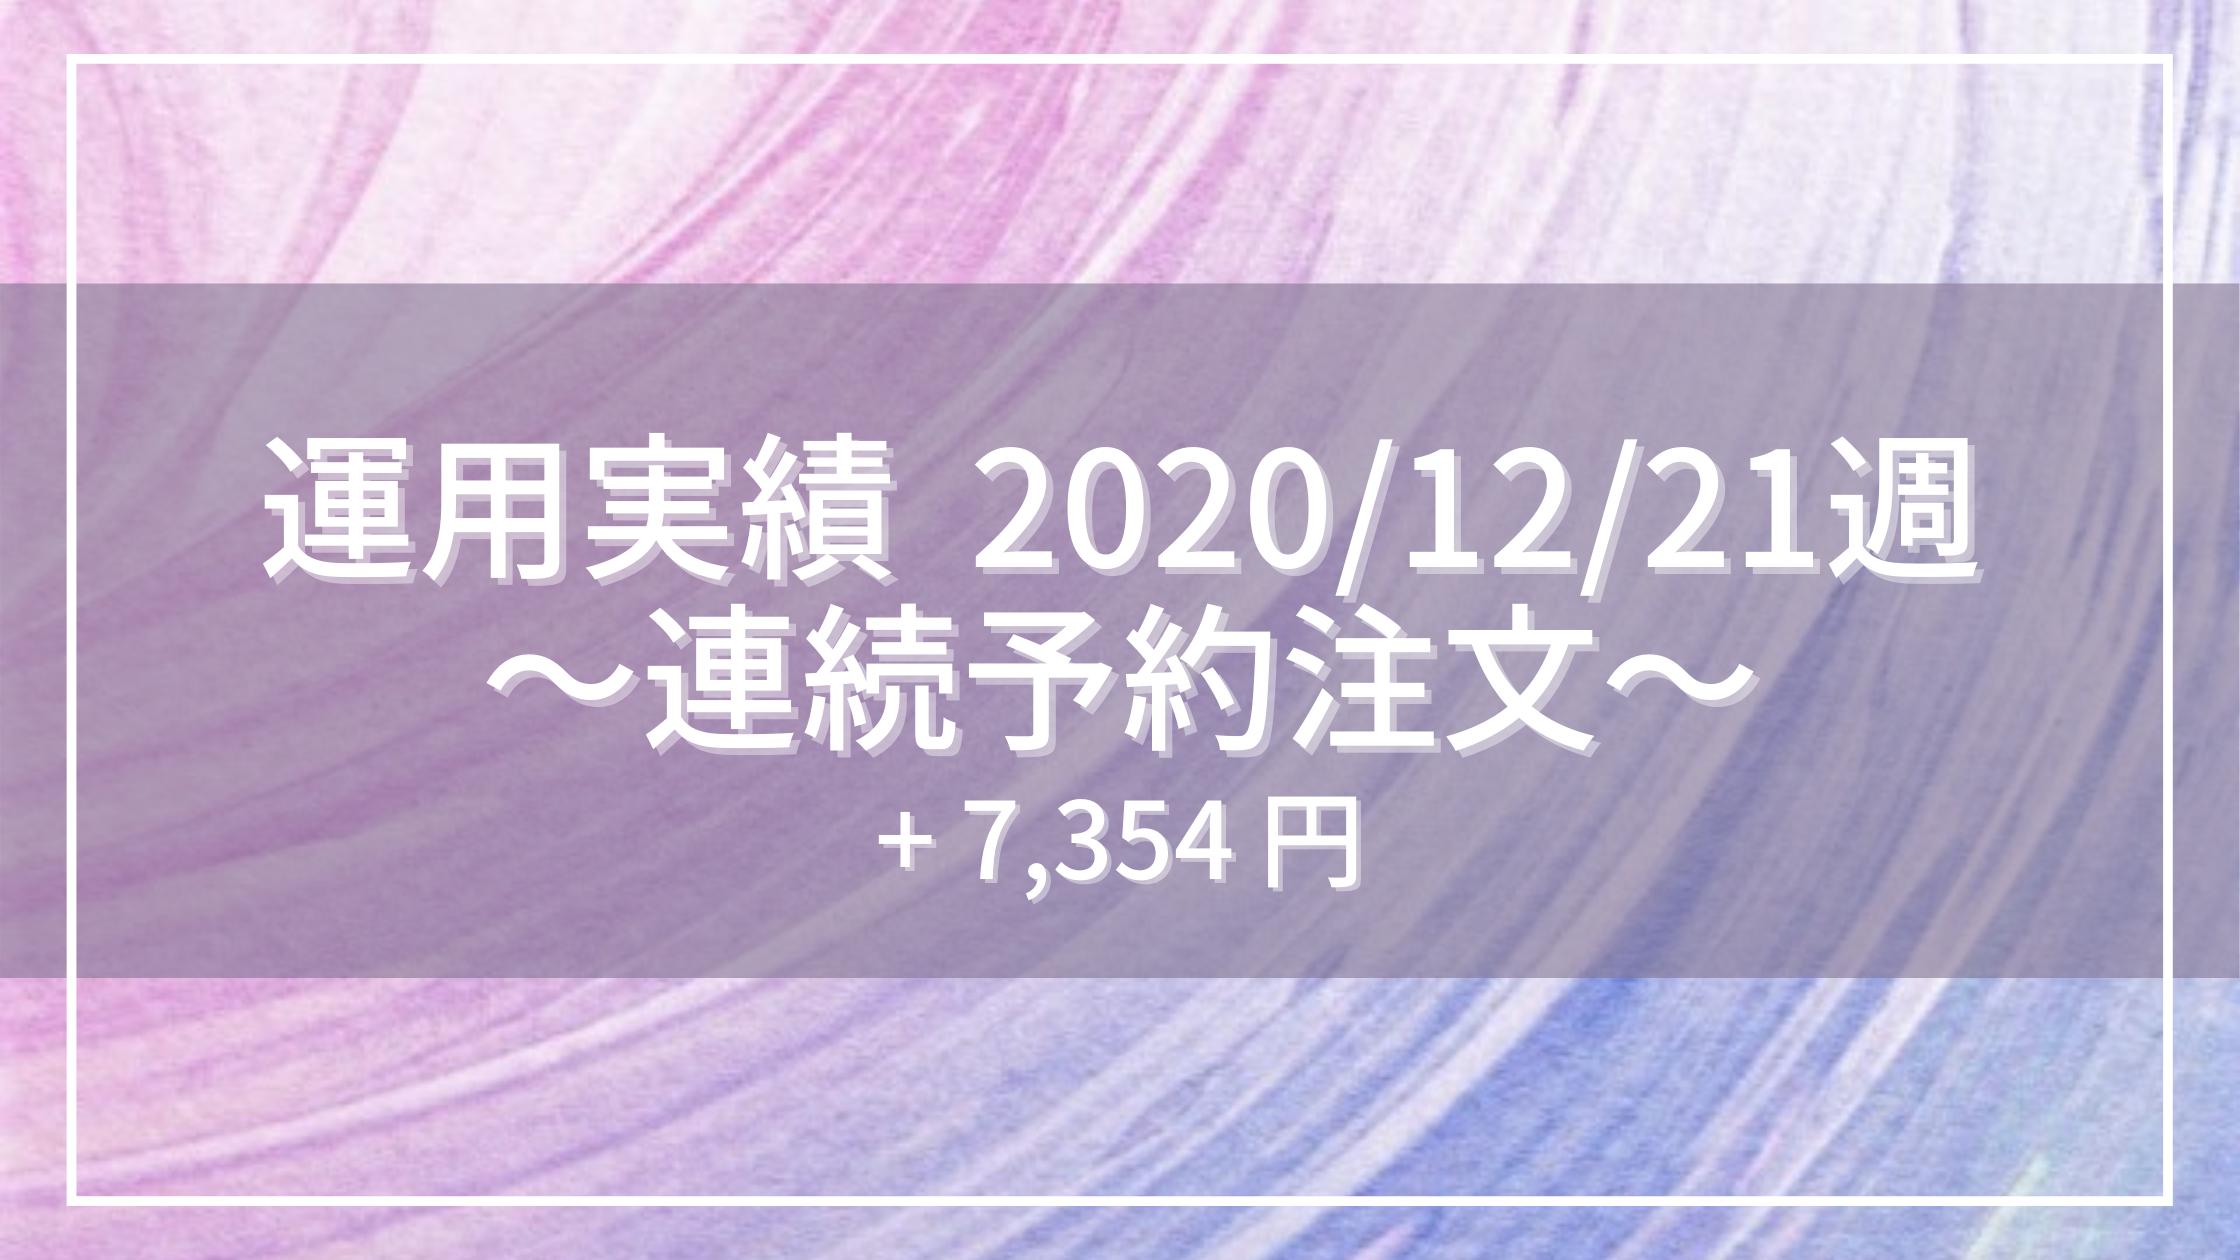 20201221_運用実績_連続予約注文